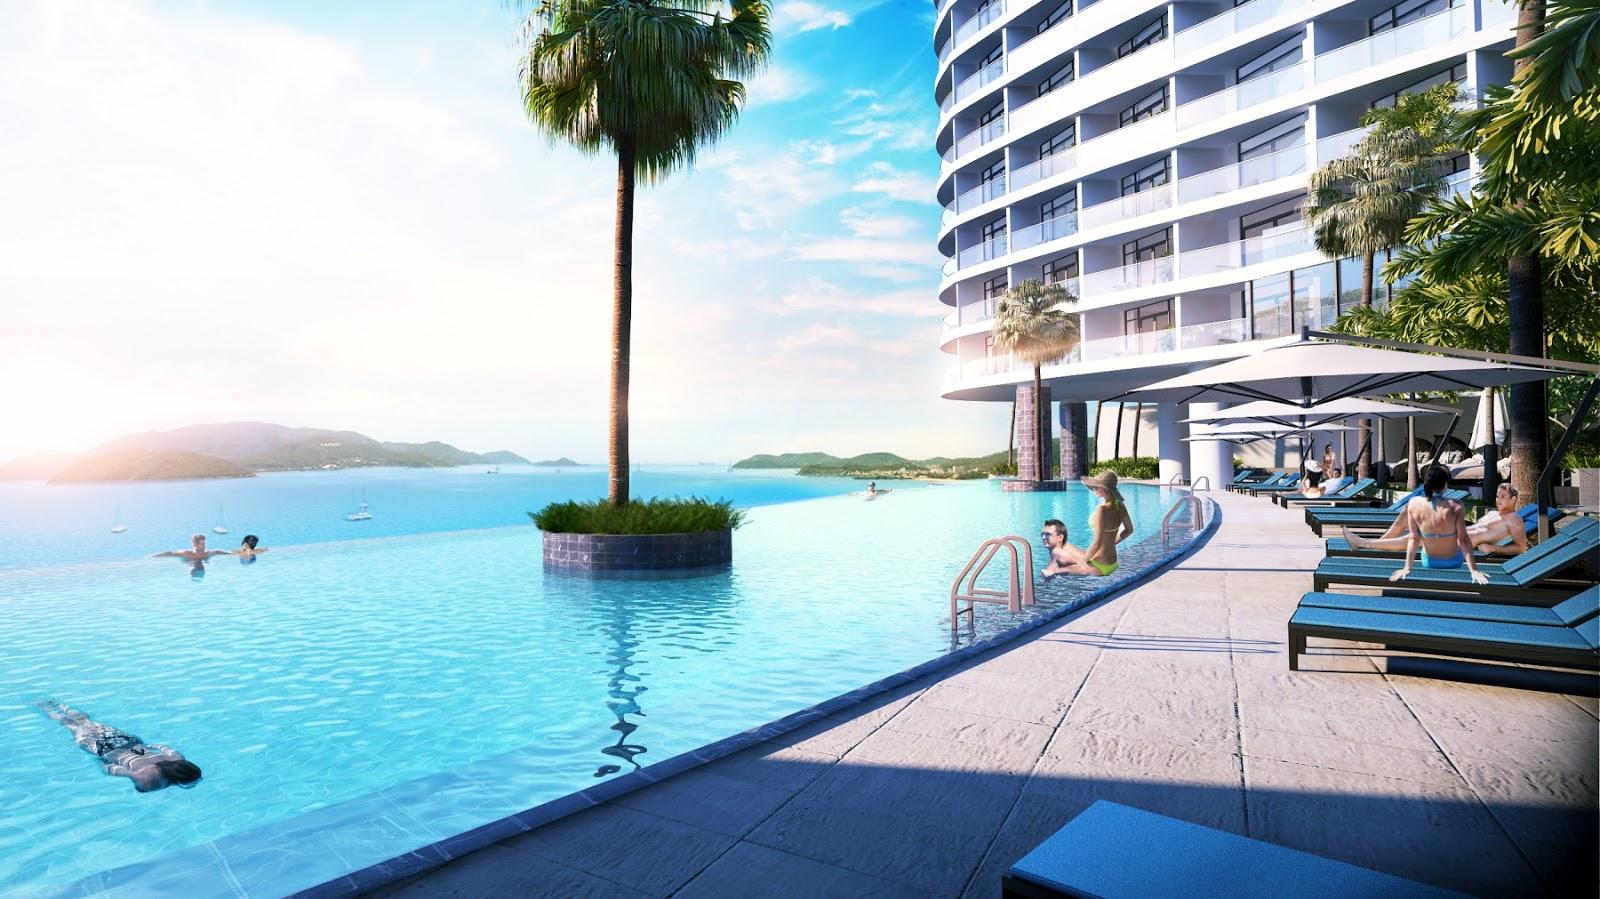 Hồ bơi tràn của Beau Rivage Nha Trang